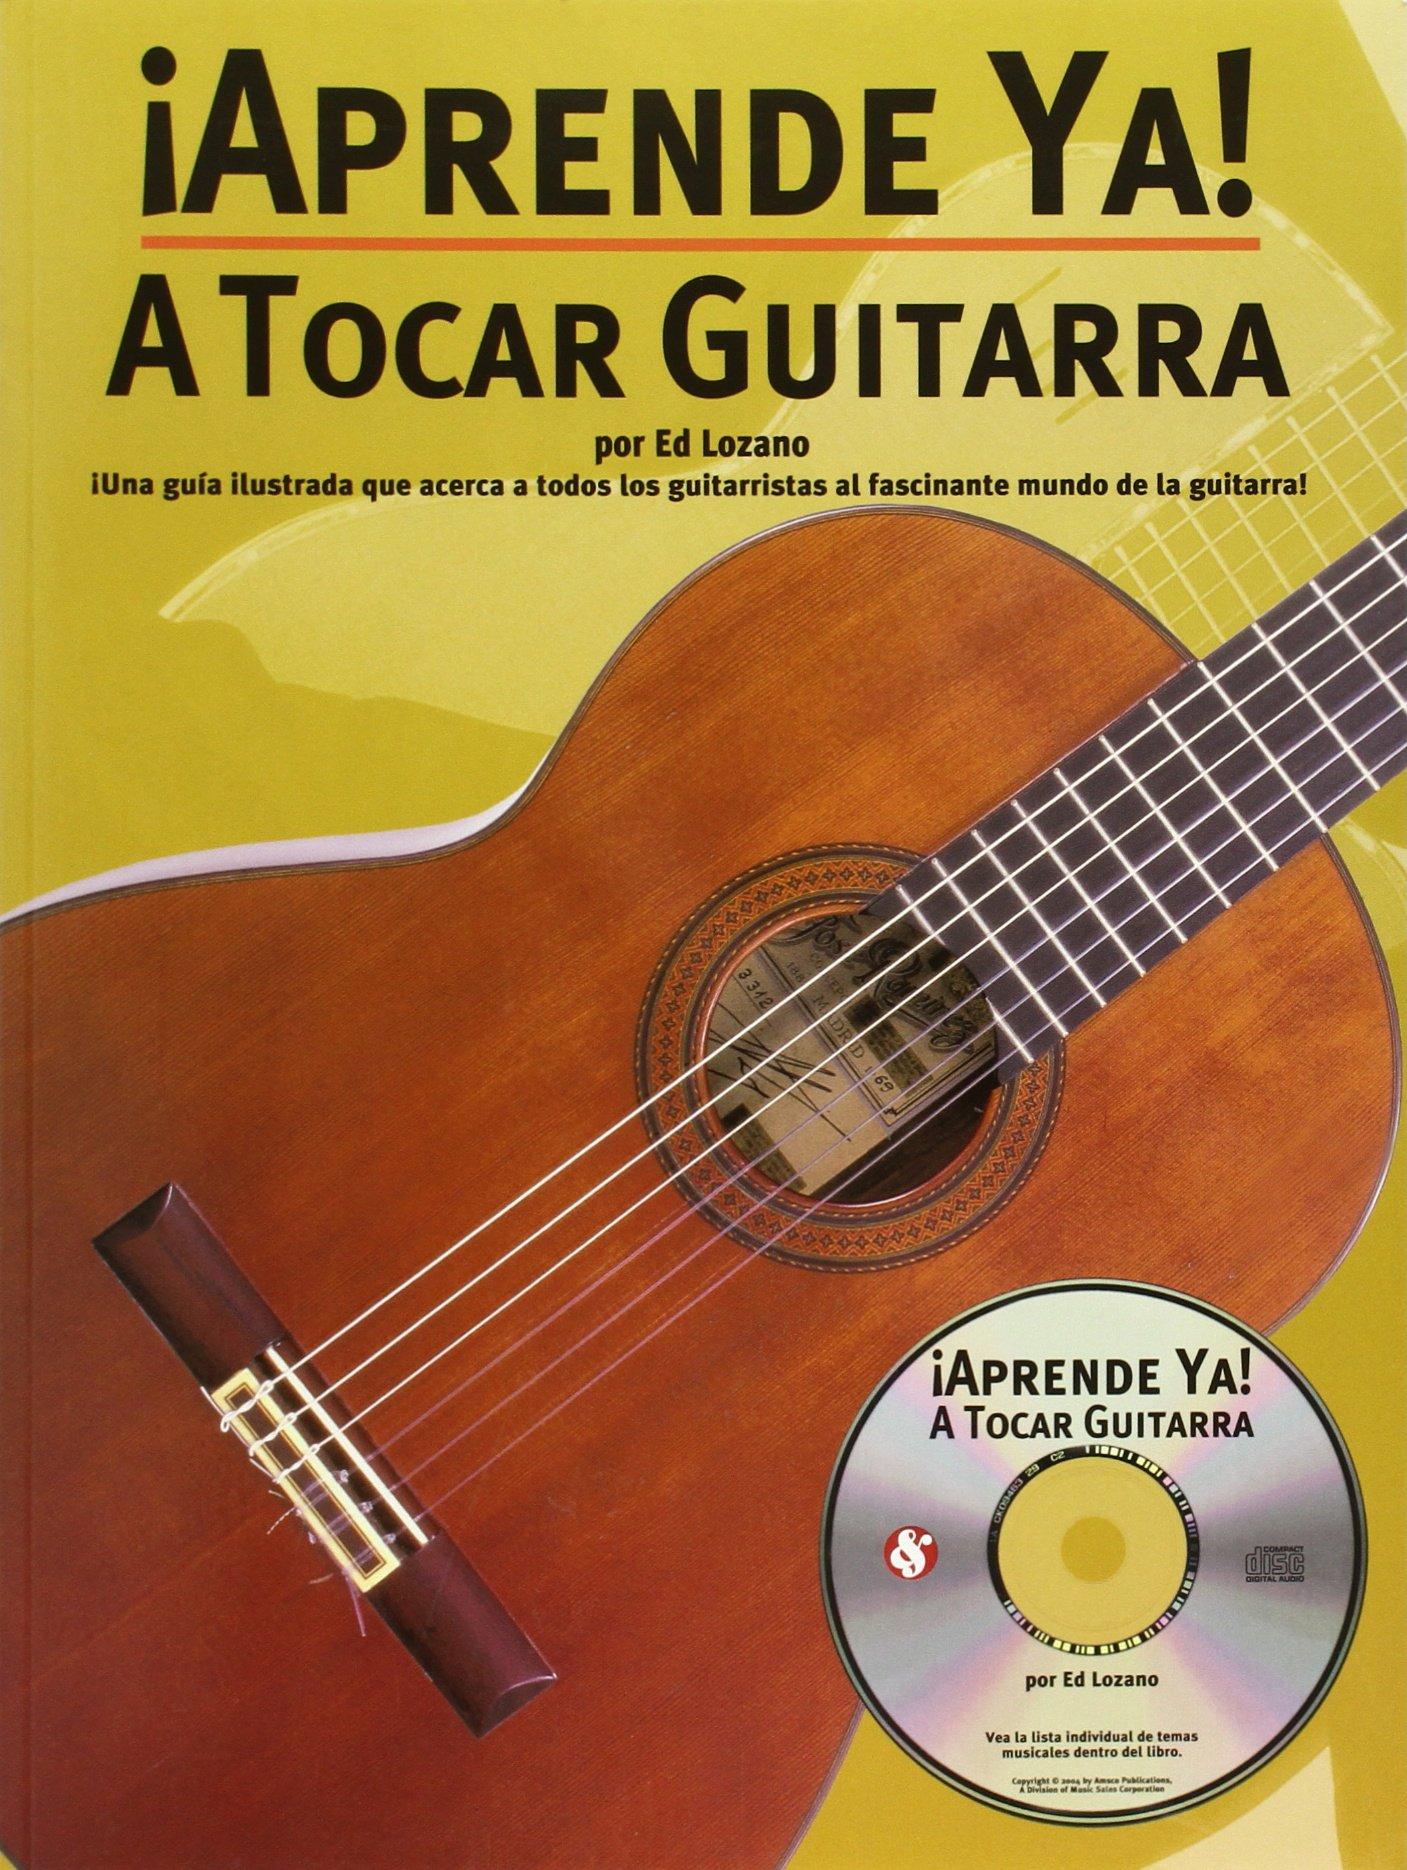 APRENDE YA! TOCAR+CD GUITARRA: Amazon.es: Lozano Ed: Libros en ...